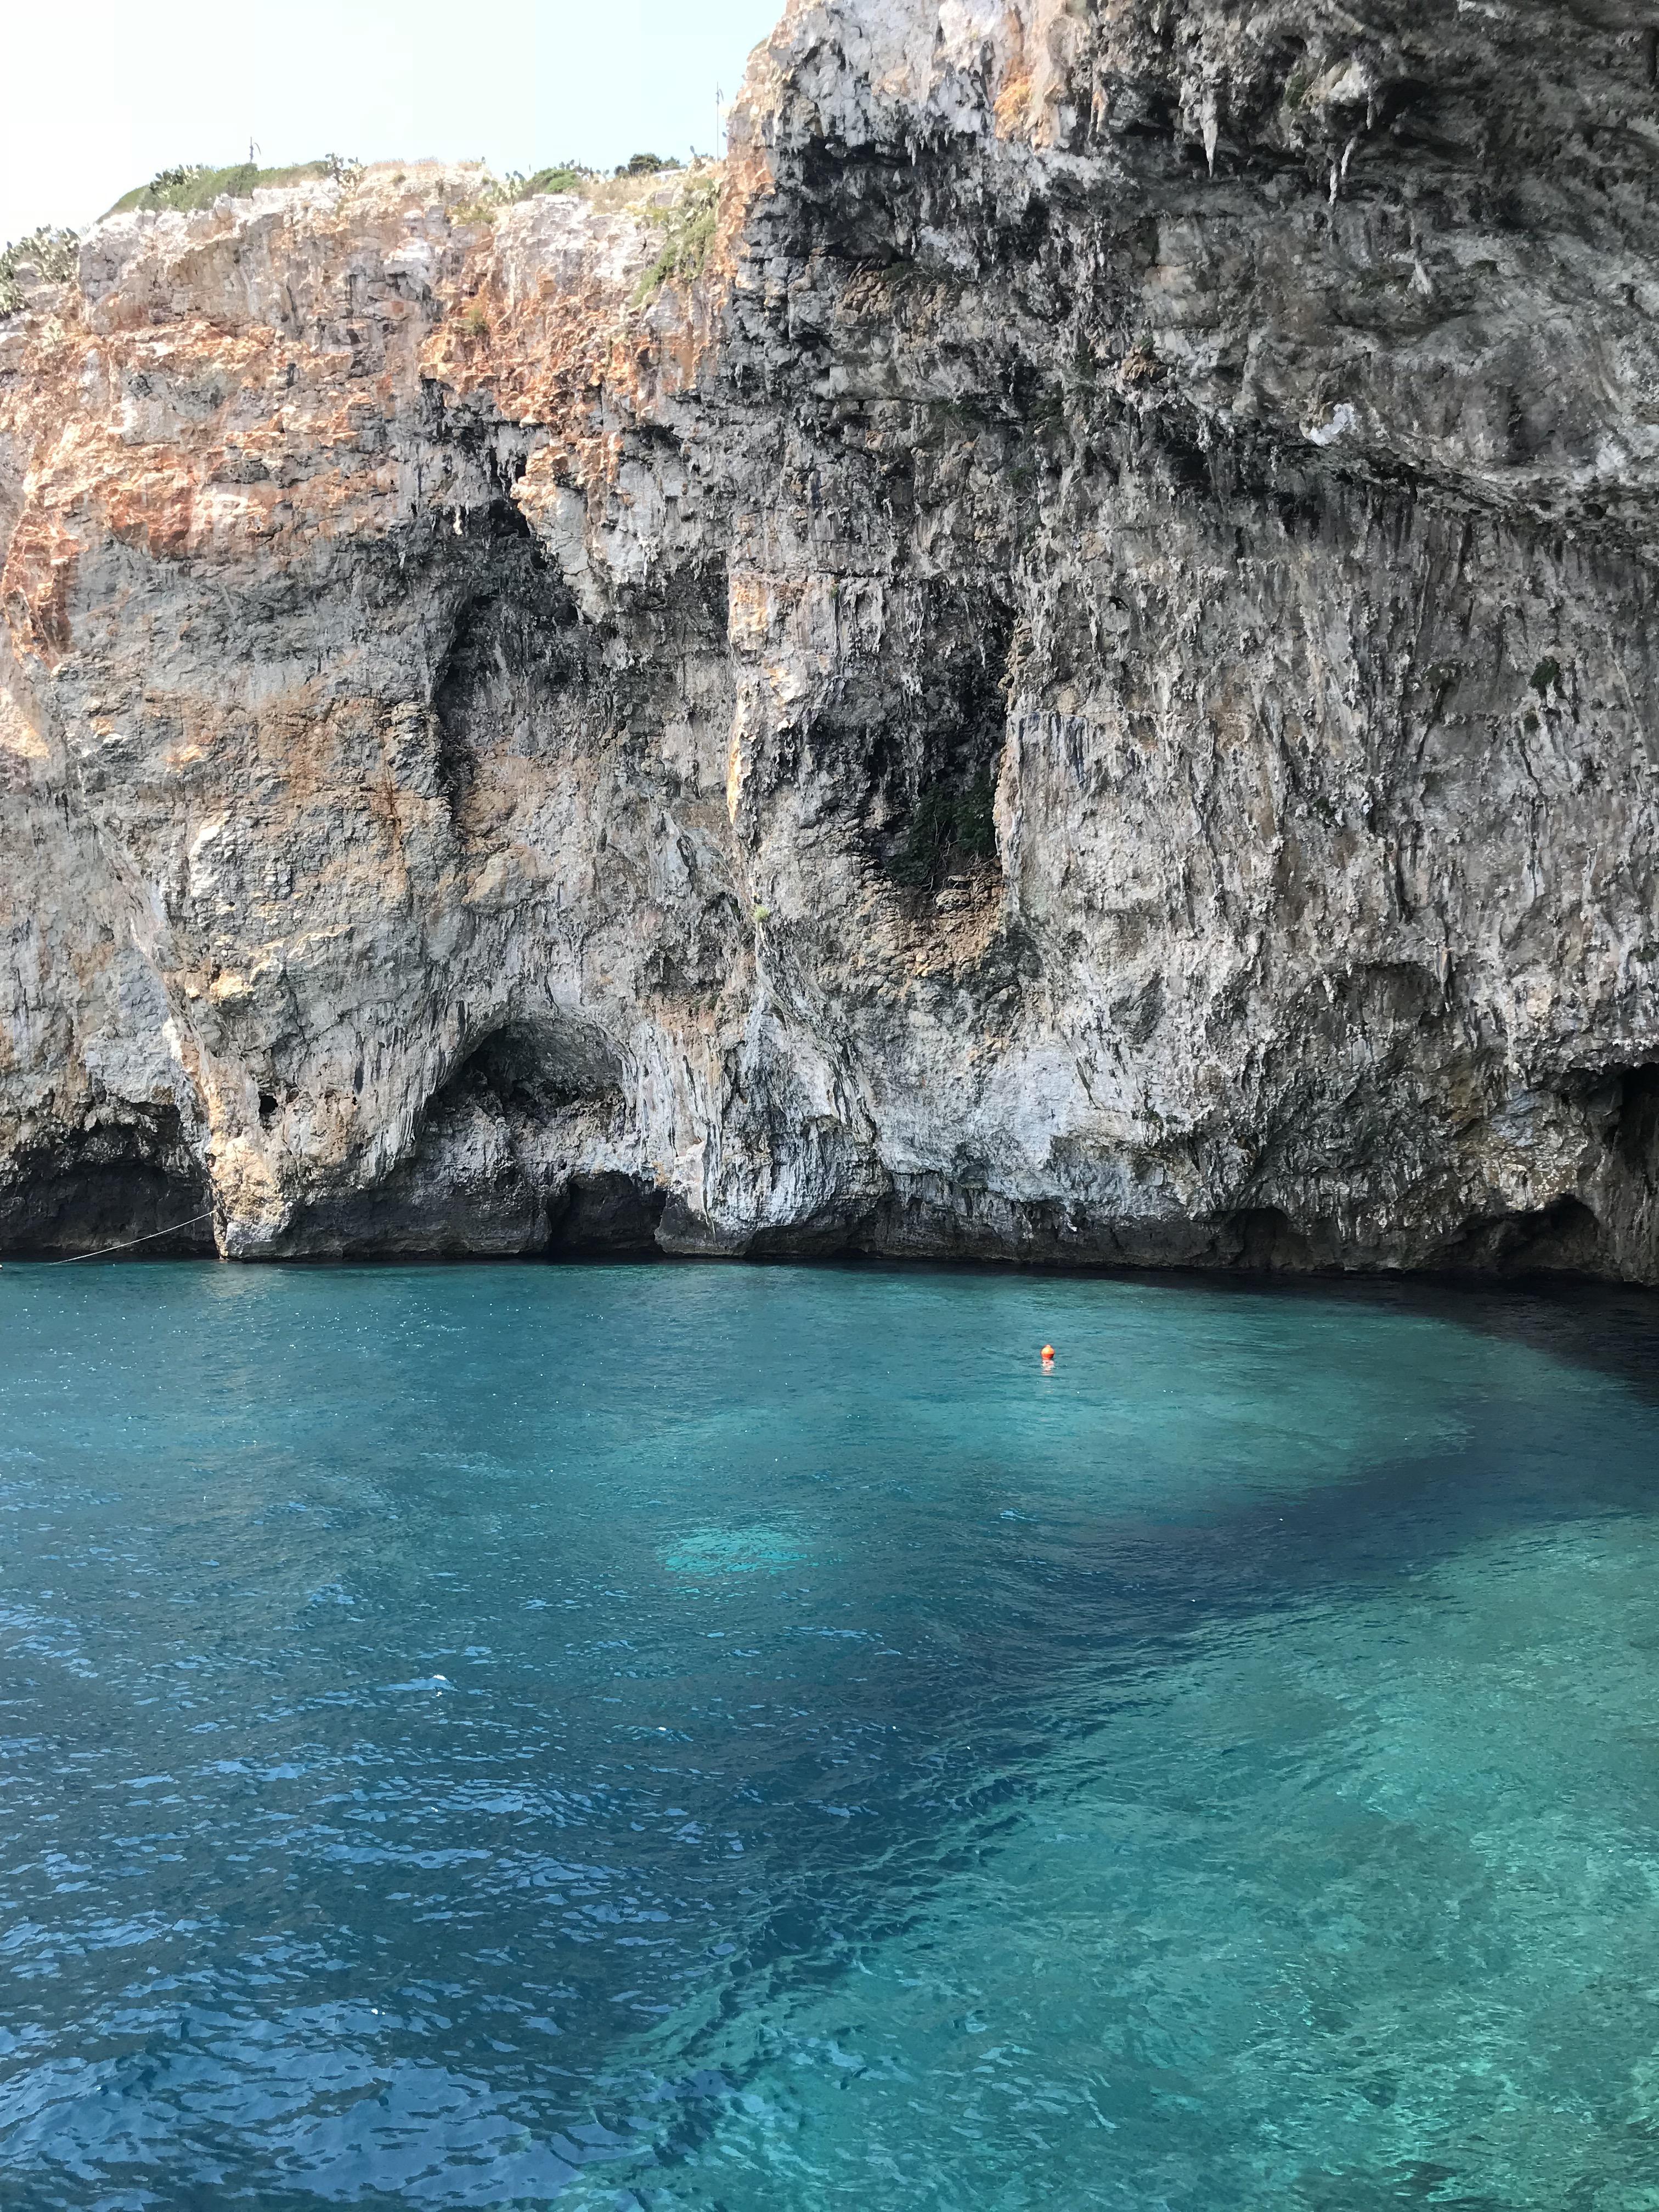 ingresso-grotte-zinzulusa-lecce-puglia